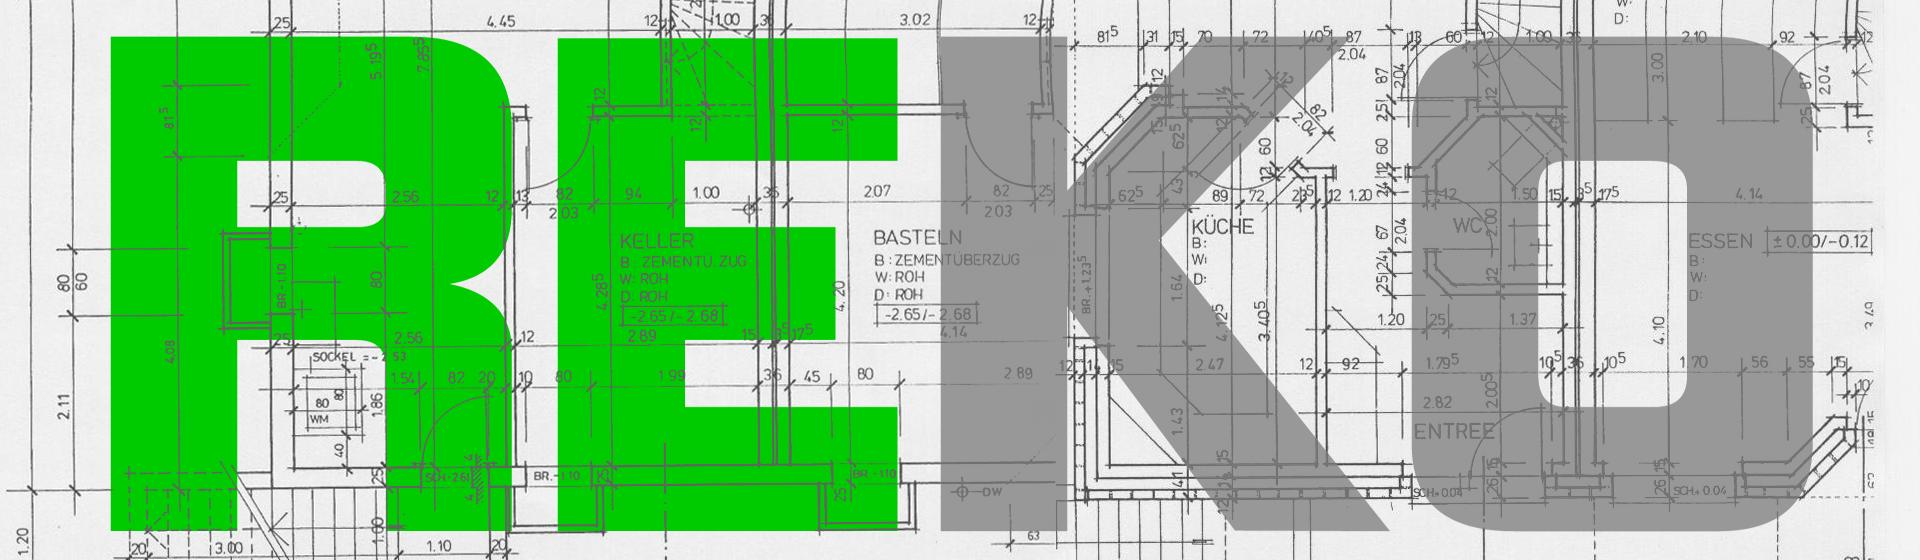 REKO - Projektierungs und Realisierungs GmbH